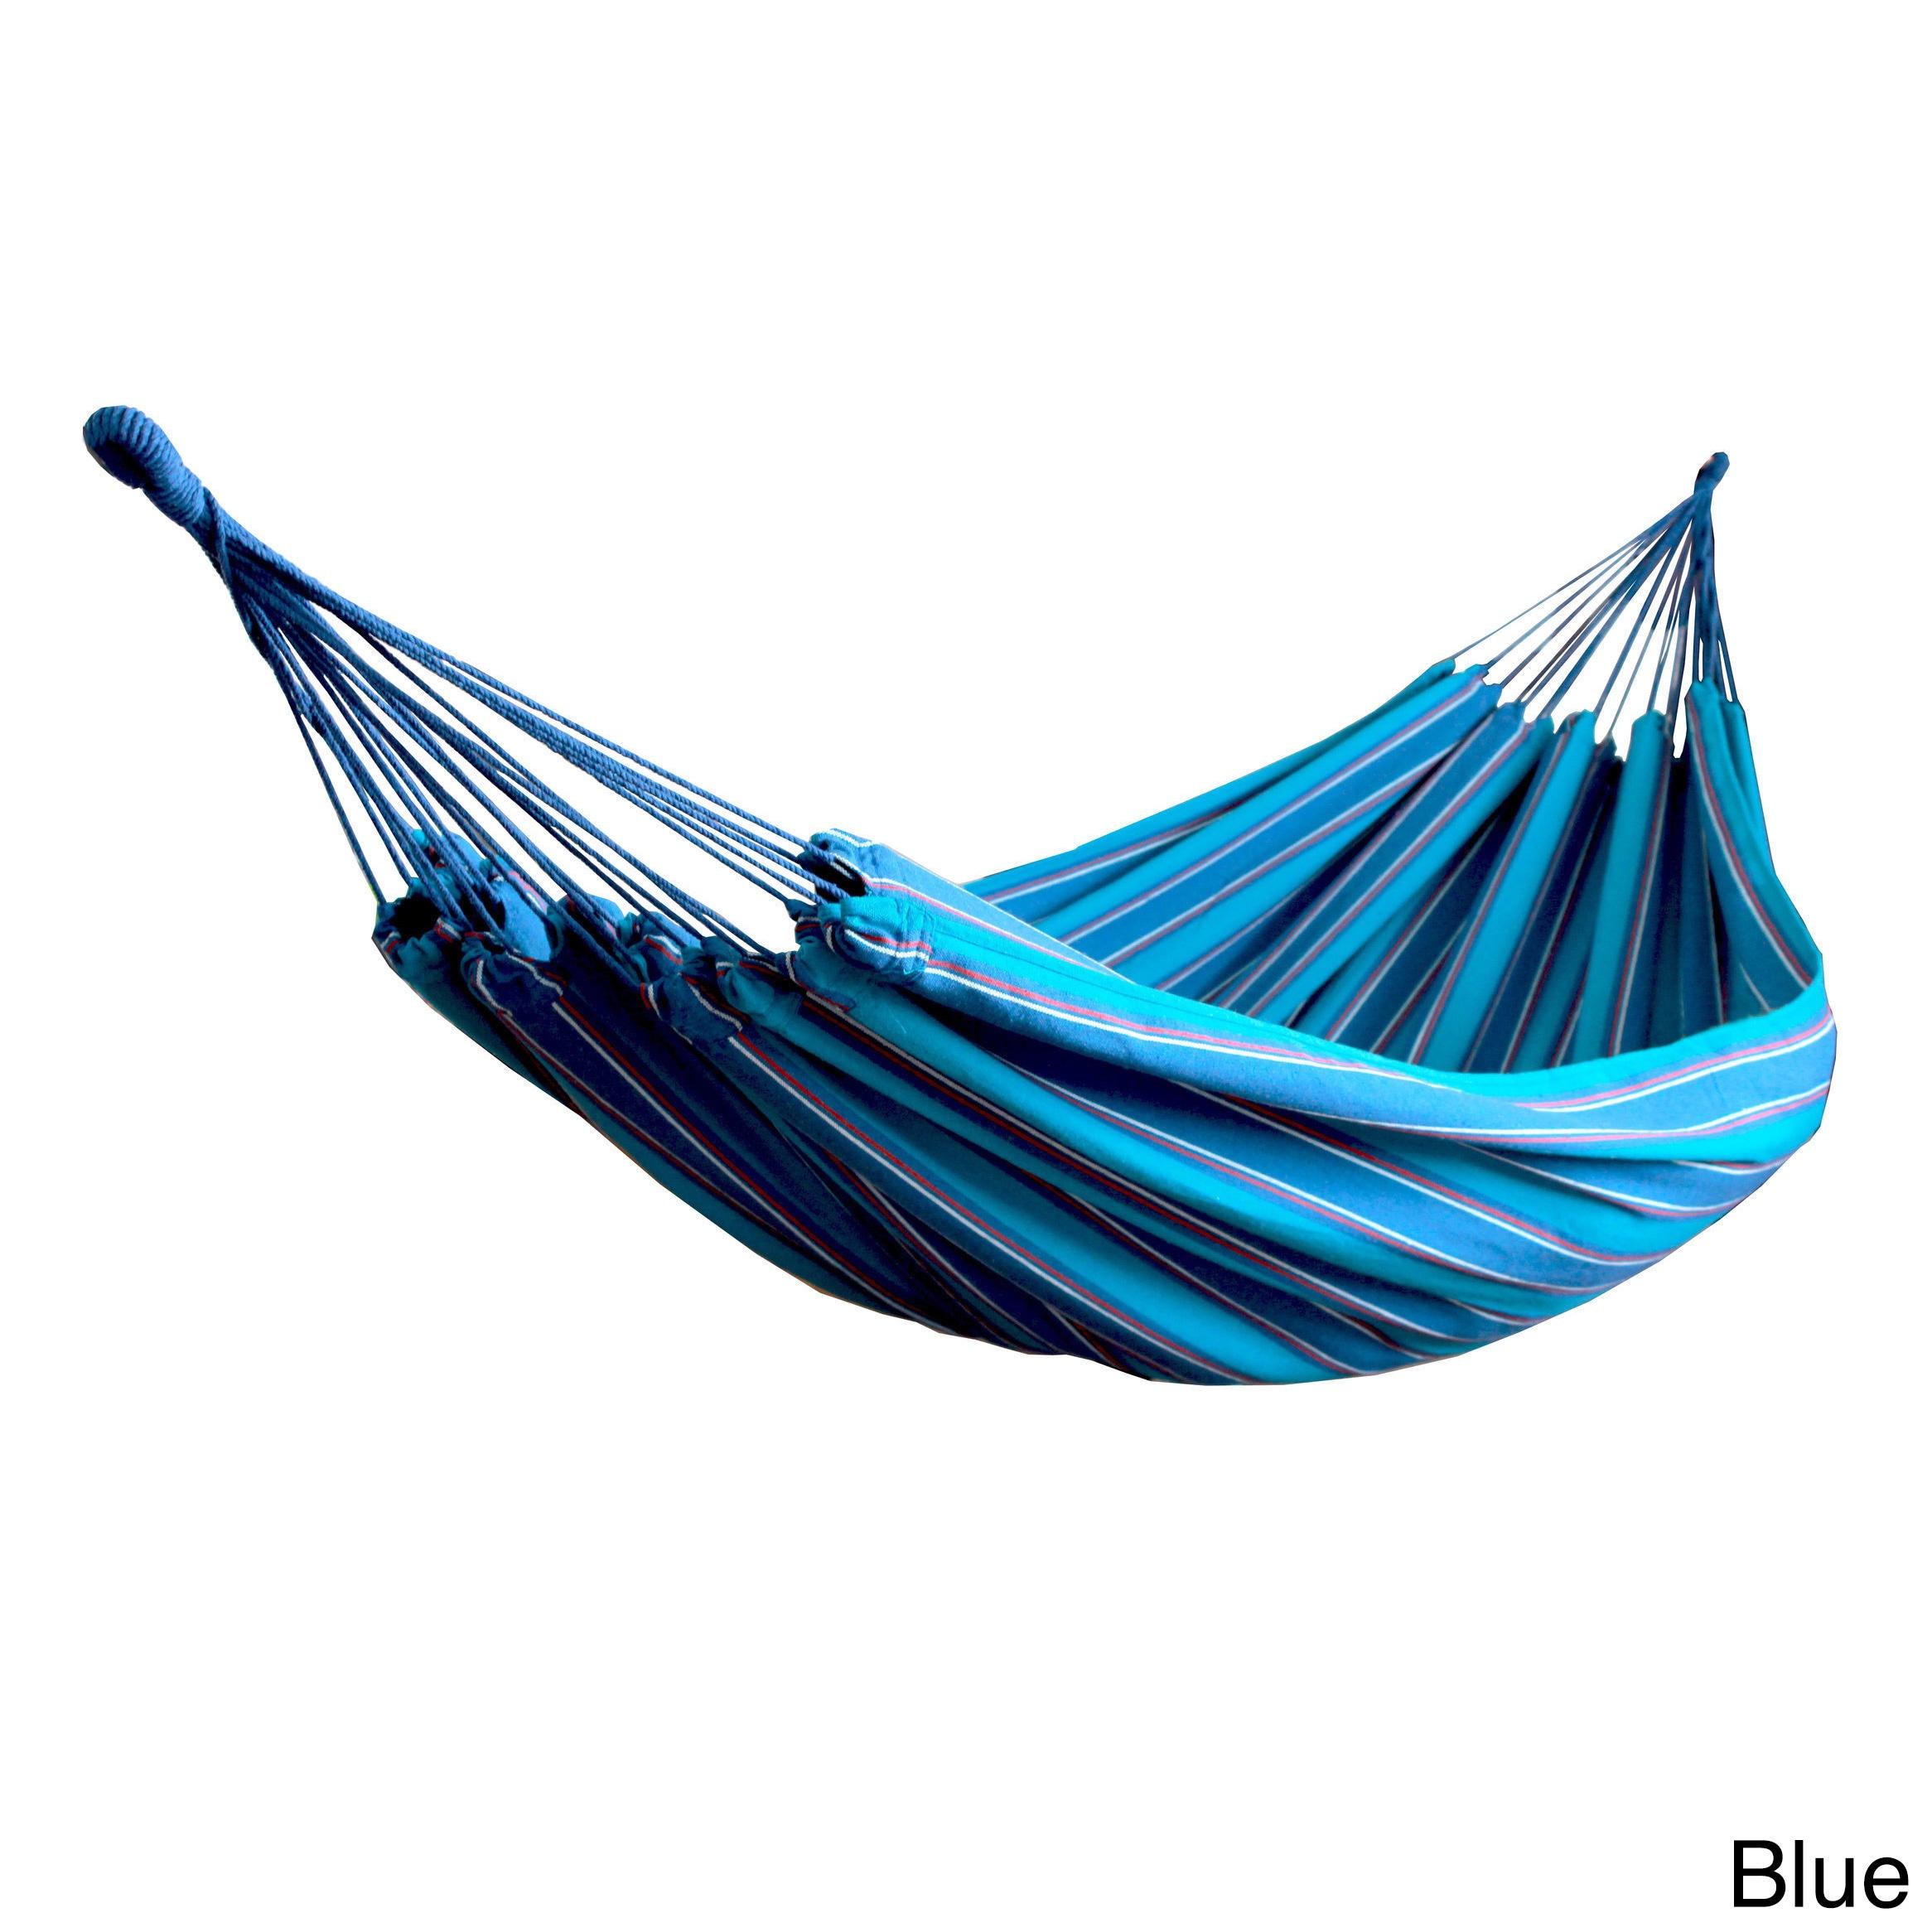 picture 6 of 10     hammaka brazilian double hammock blue 2 person   ebay  rh   ebay